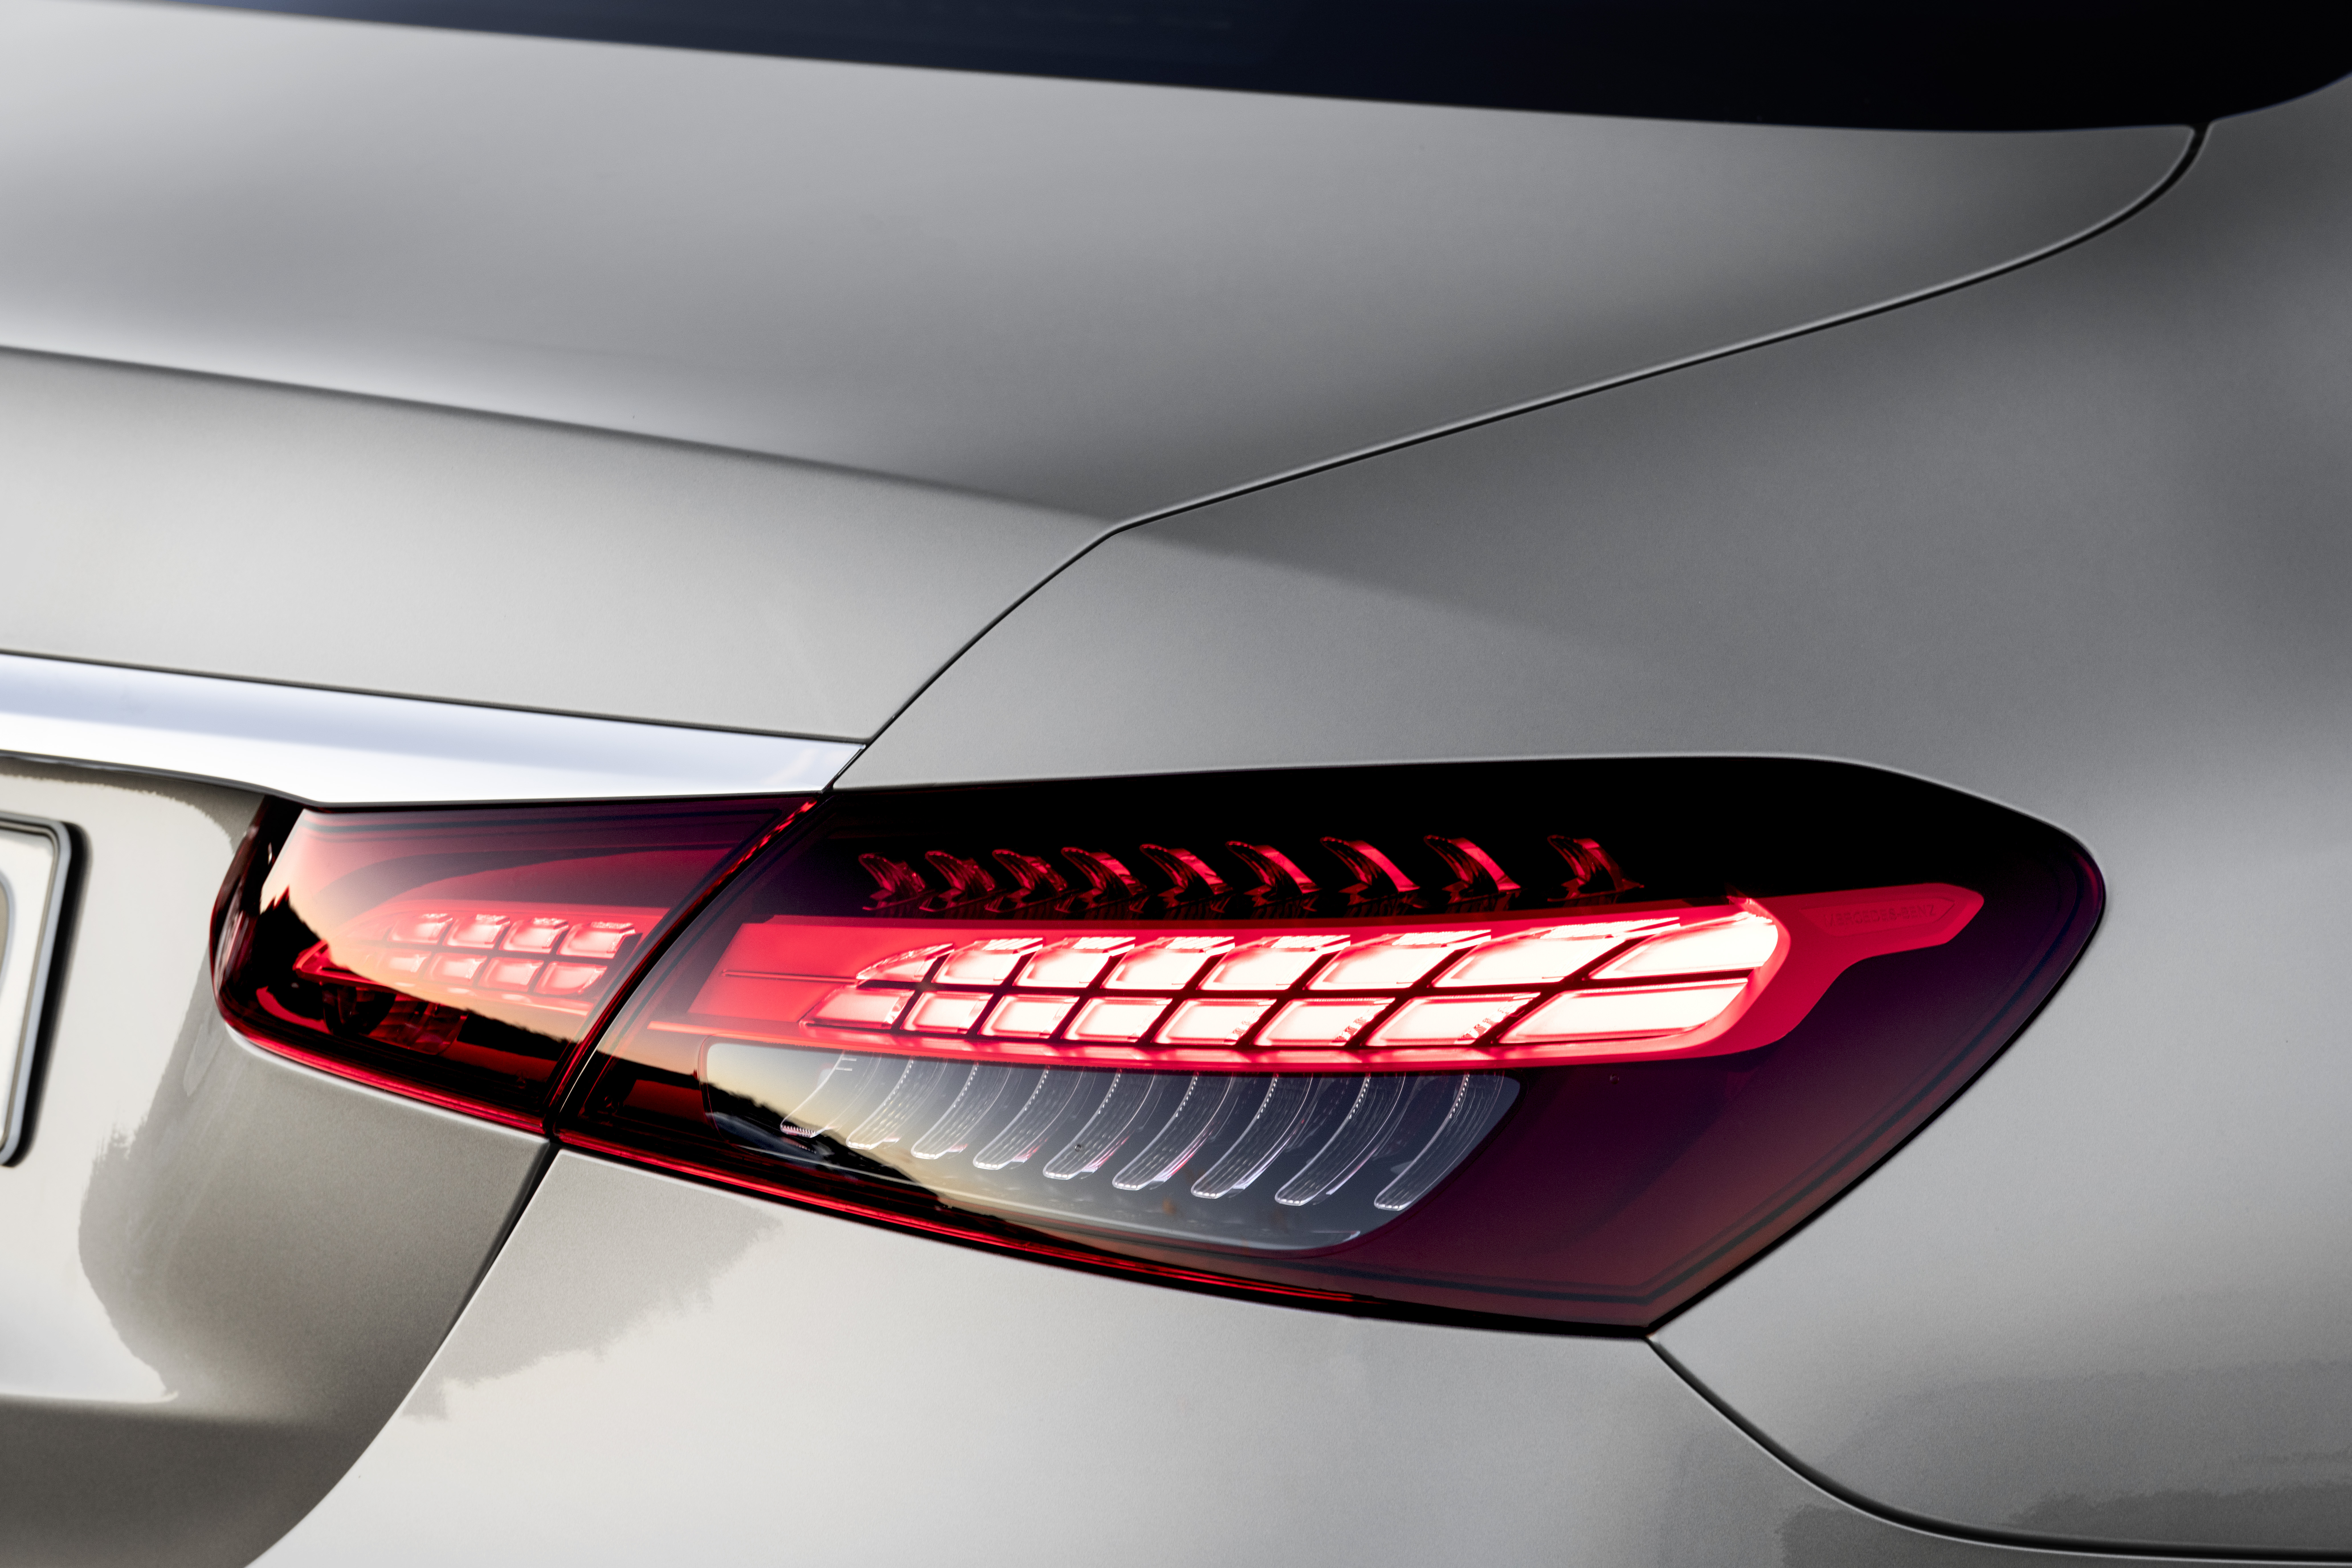 Mercedes-Benz E-Klasse (W 213), 2020  Mercedes-Benz E-Class (W 213), 2020